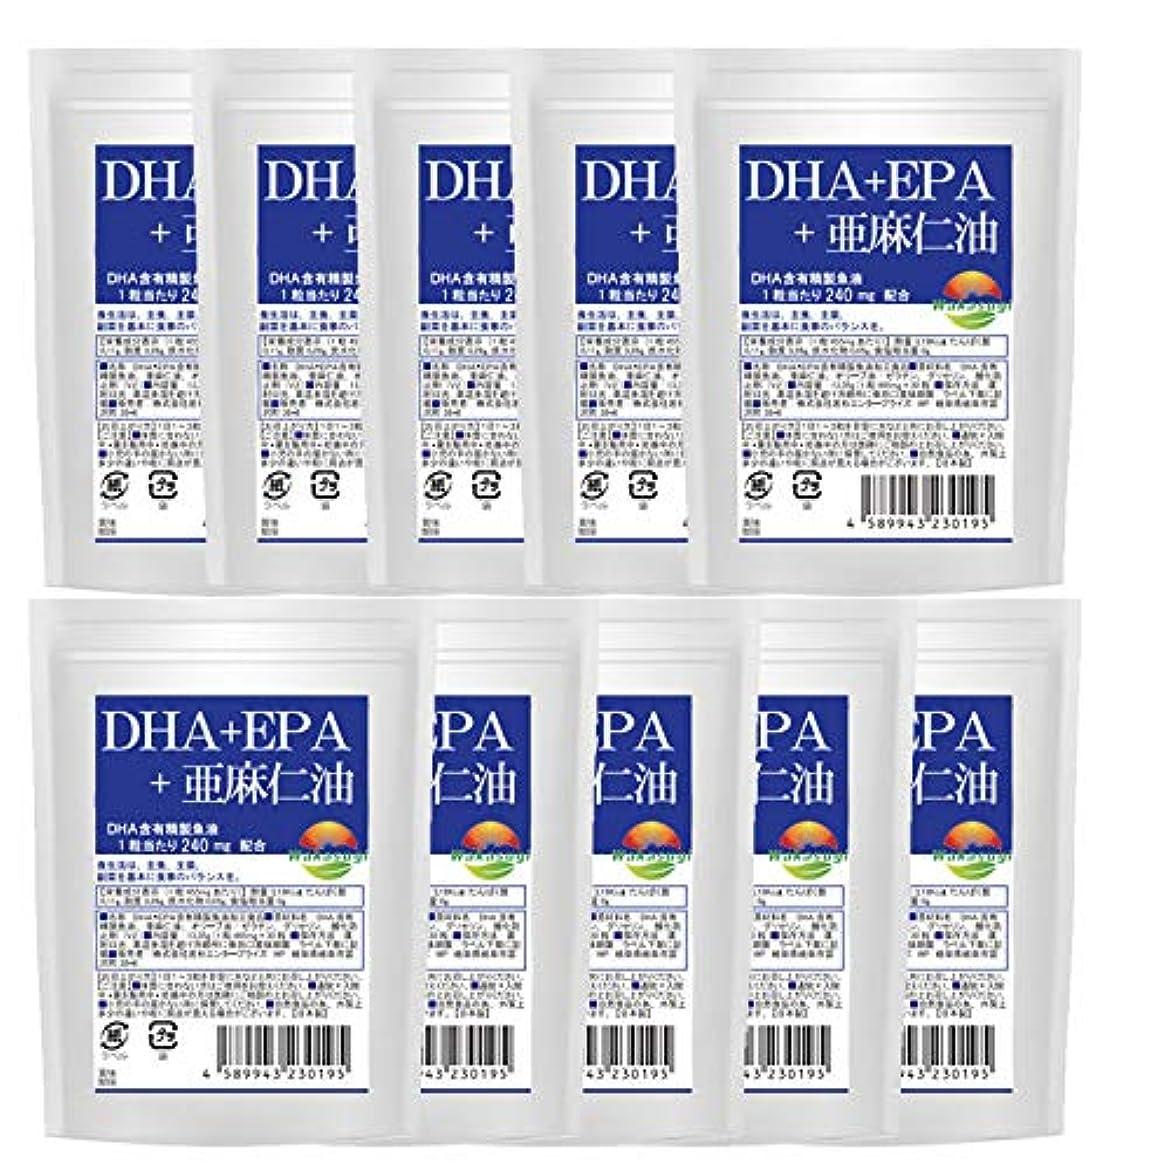 不機嫌春ミリメーターDHA+EPA+亜麻仁油 ソフトカプセル30粒 10袋セット 合計300カプセル まとめ売り